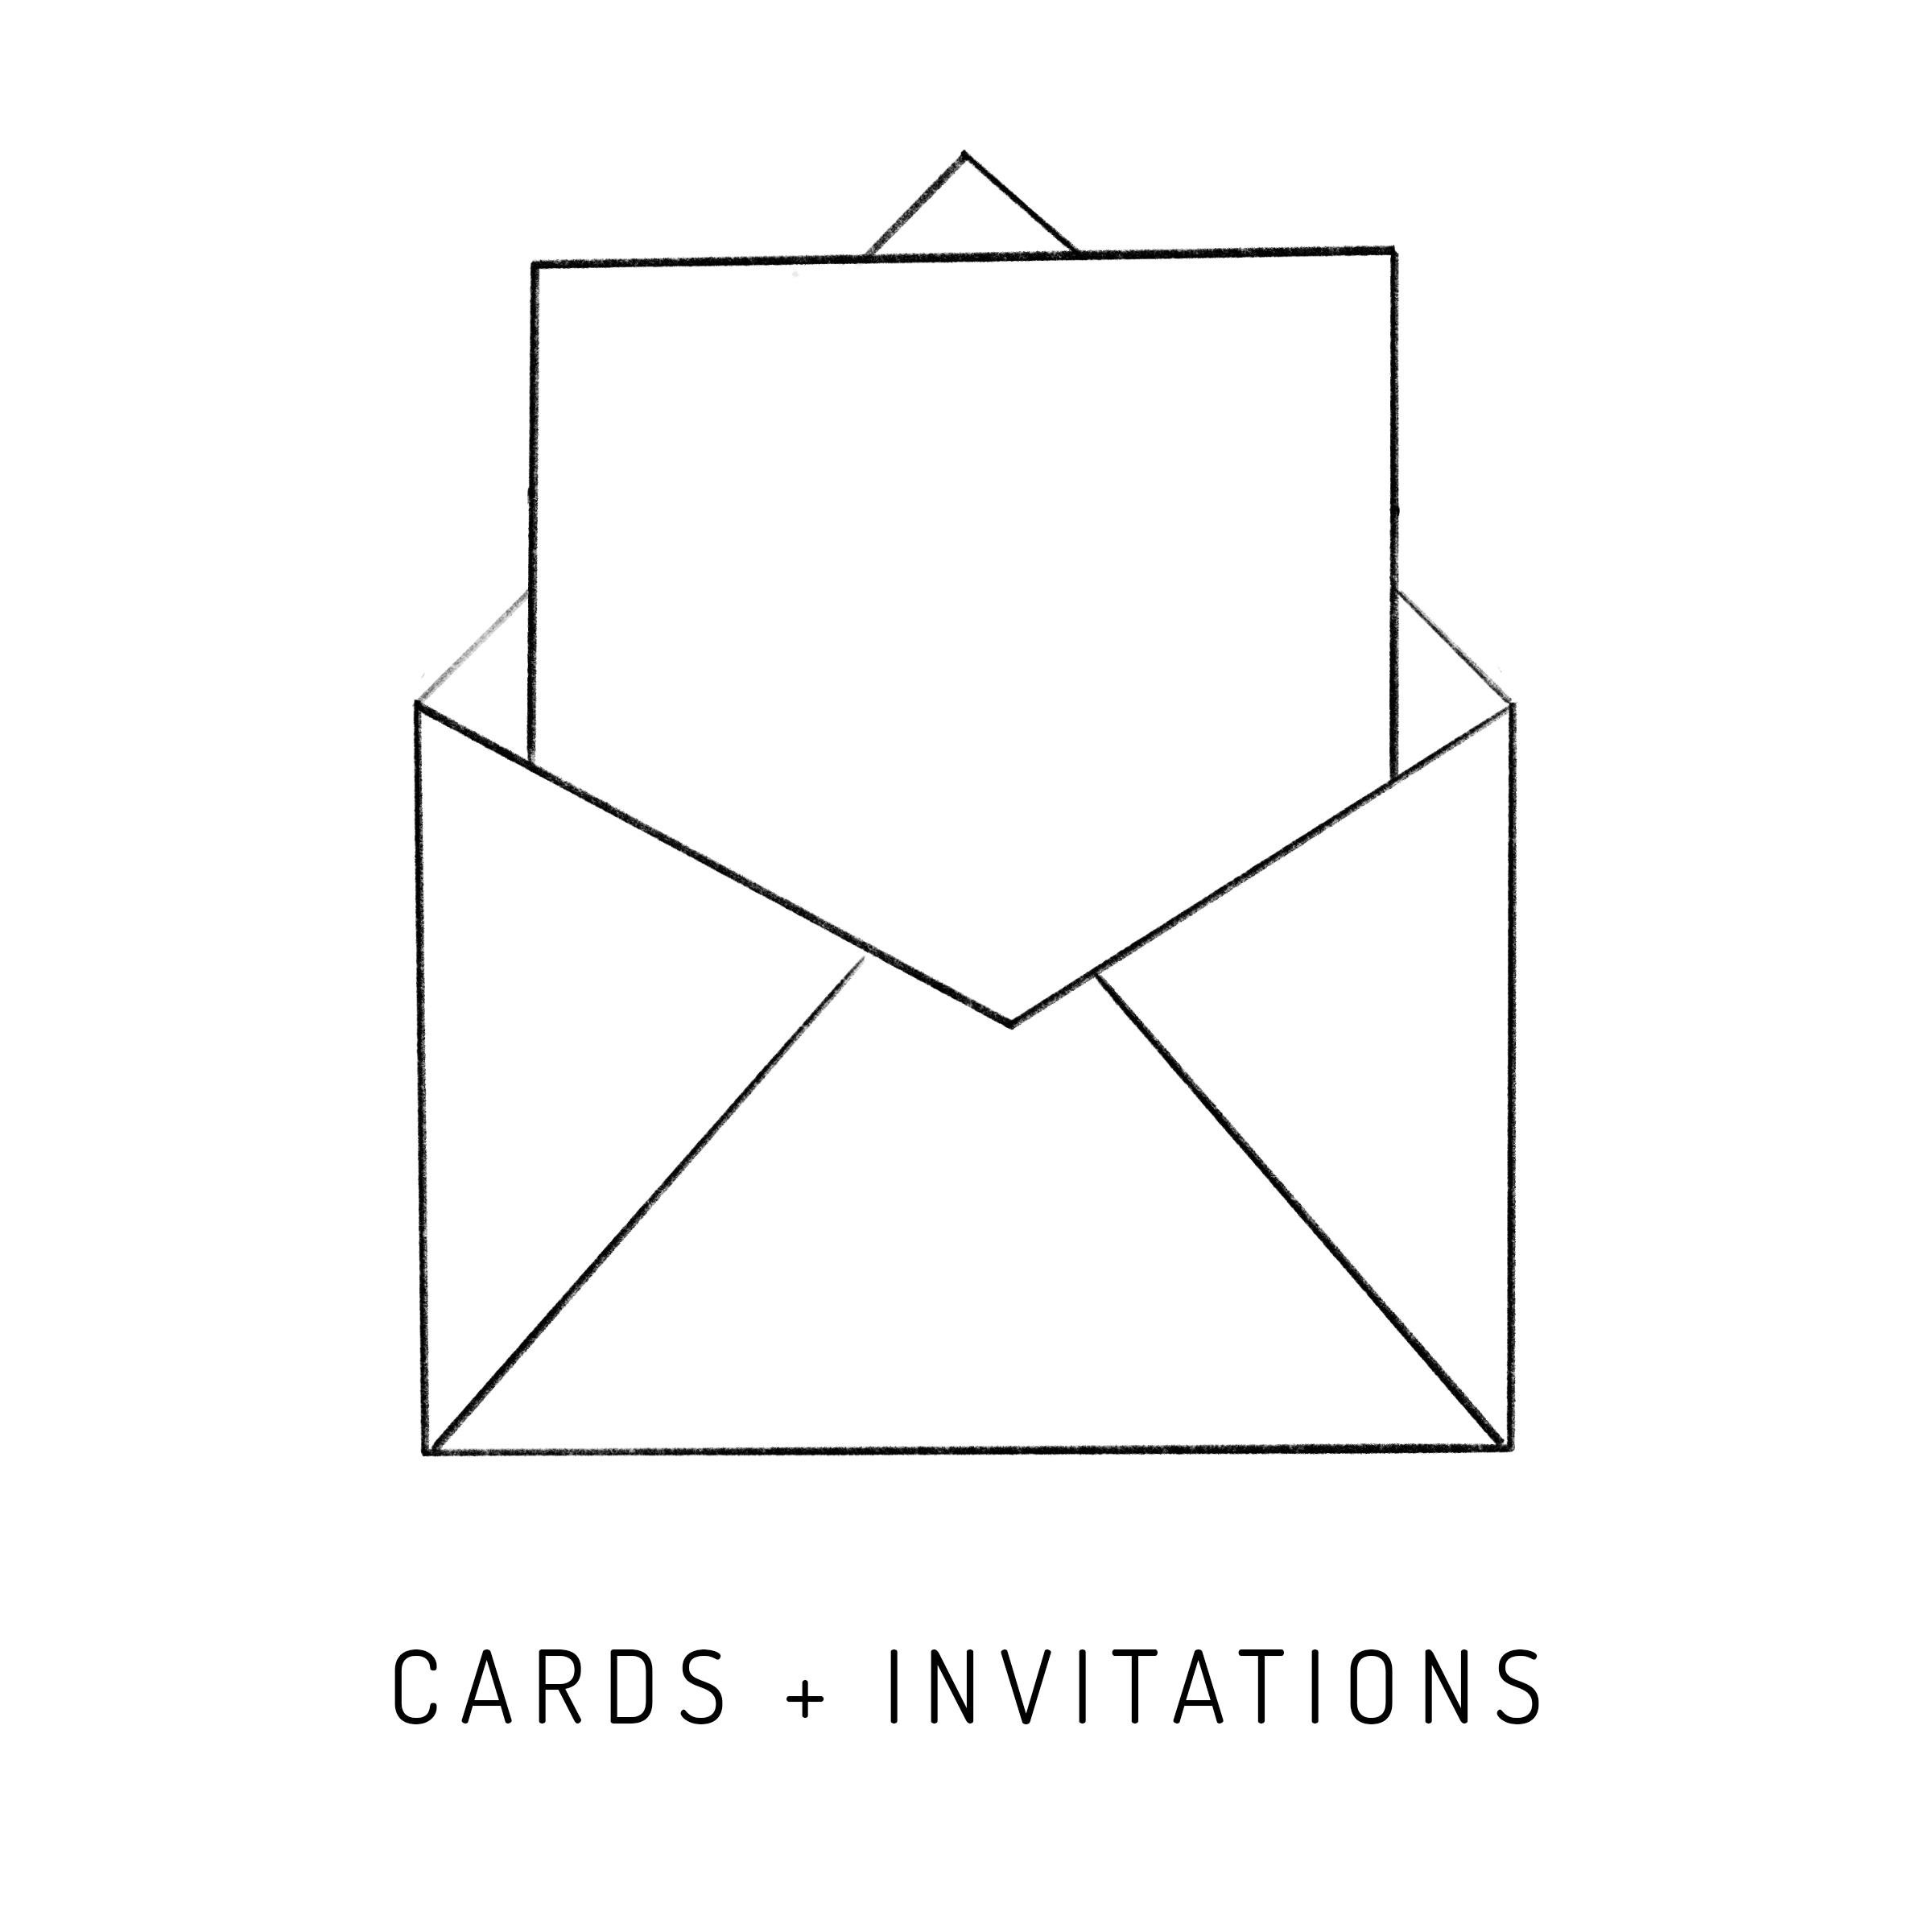 cards-invitations.jpg